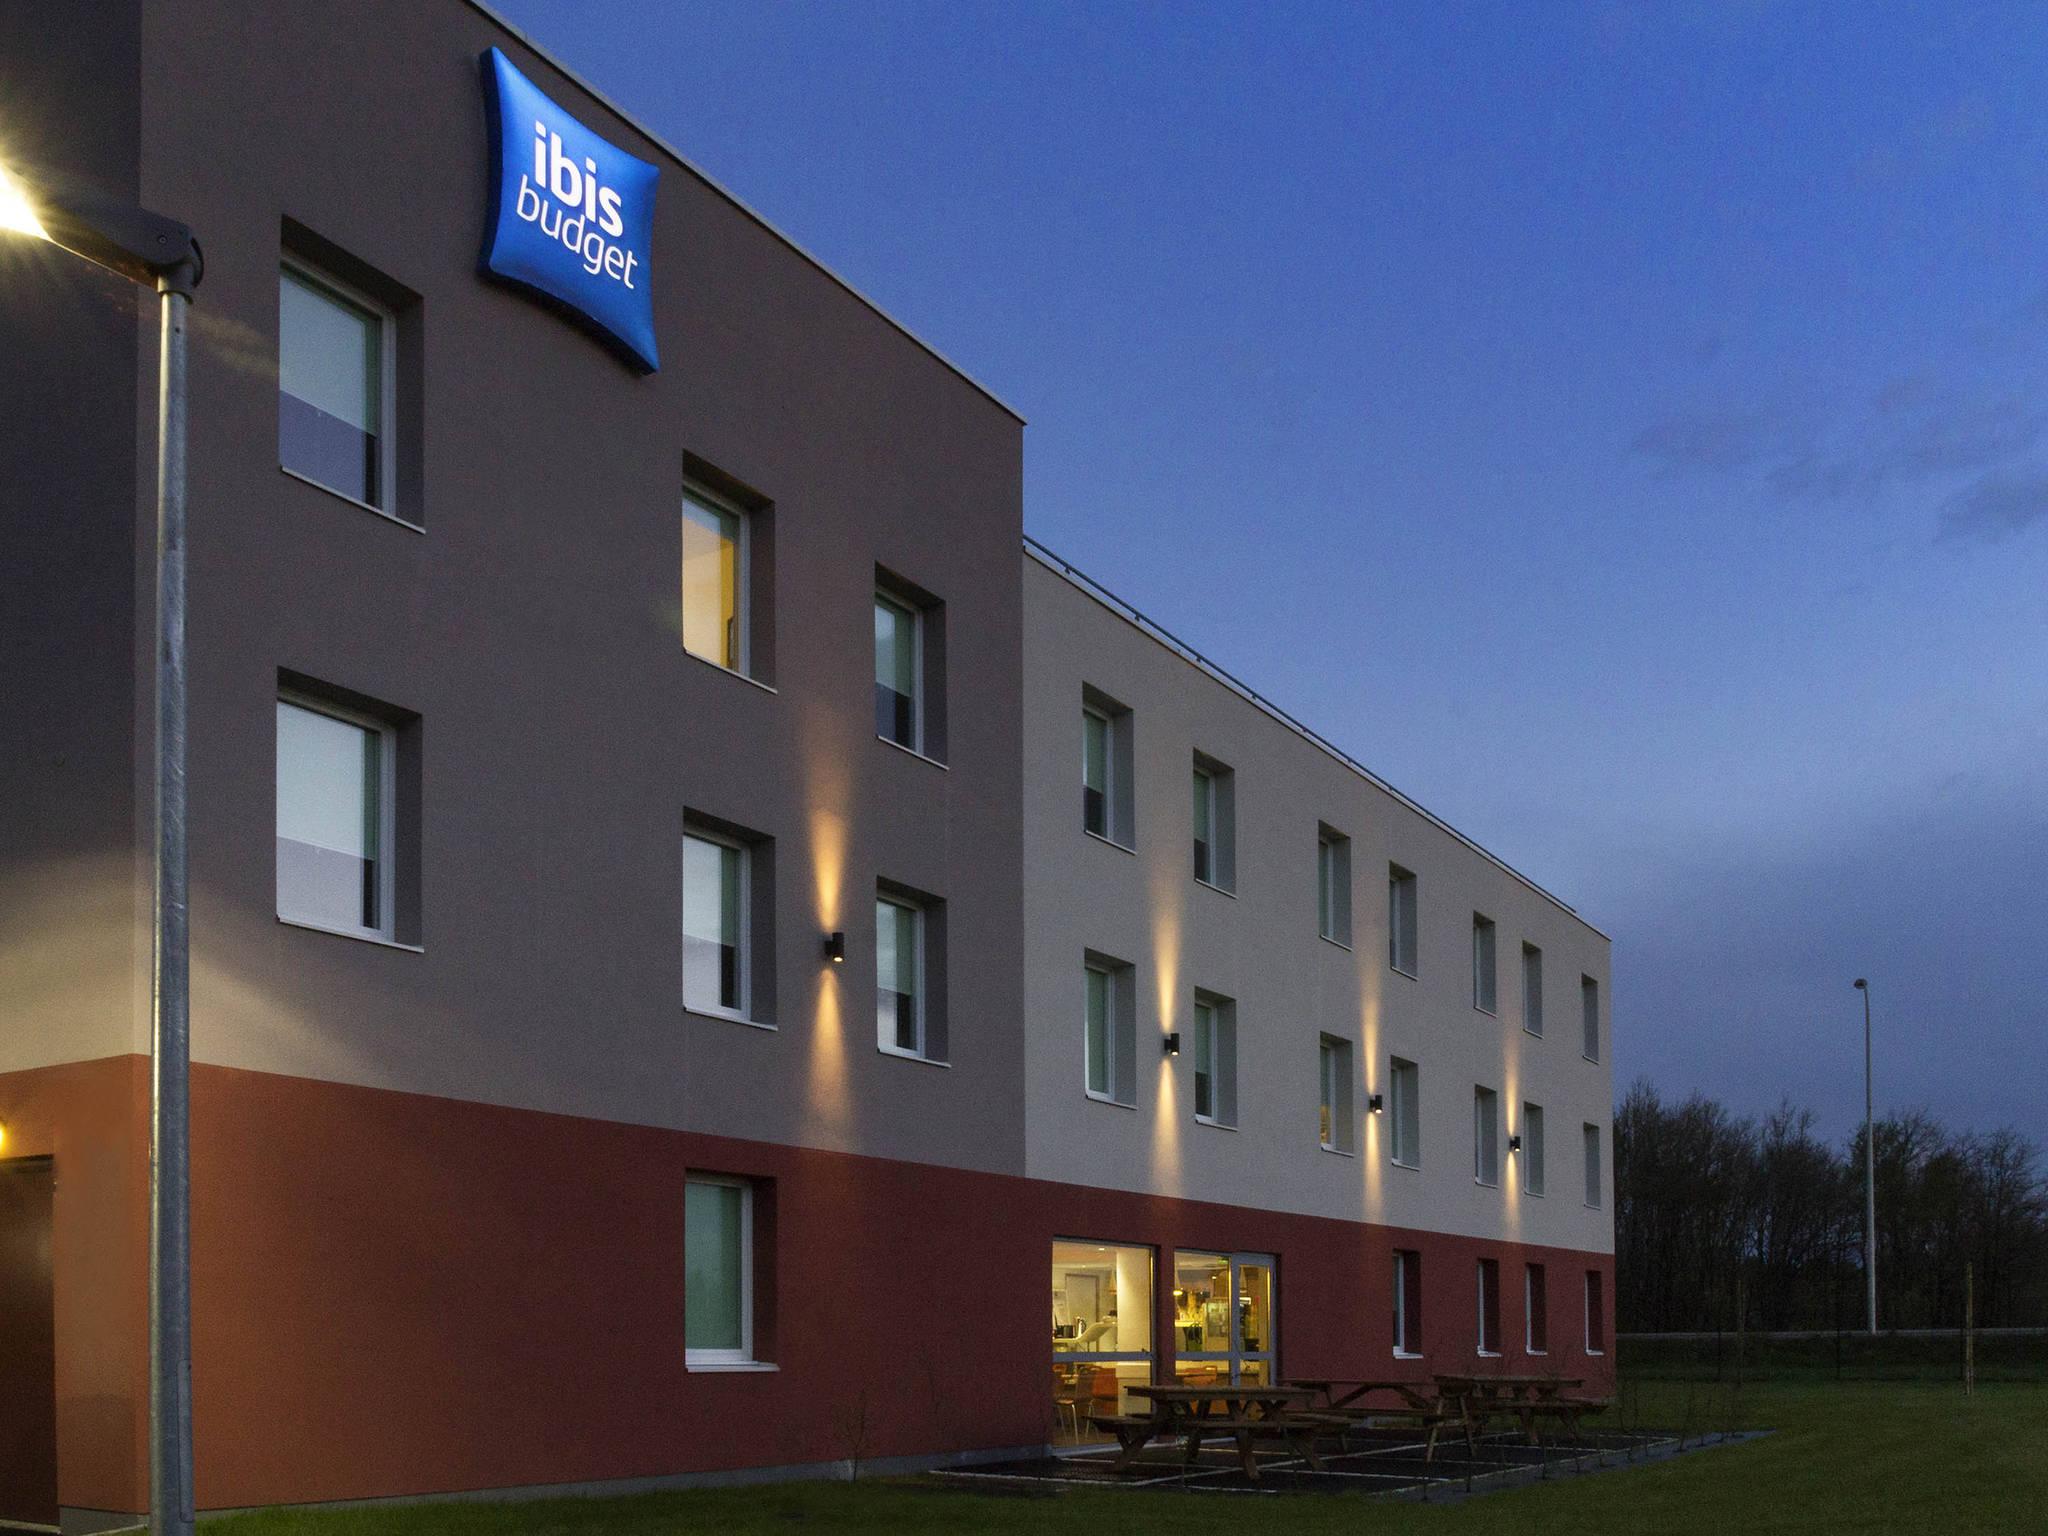 Hotel Ibis Vierzon